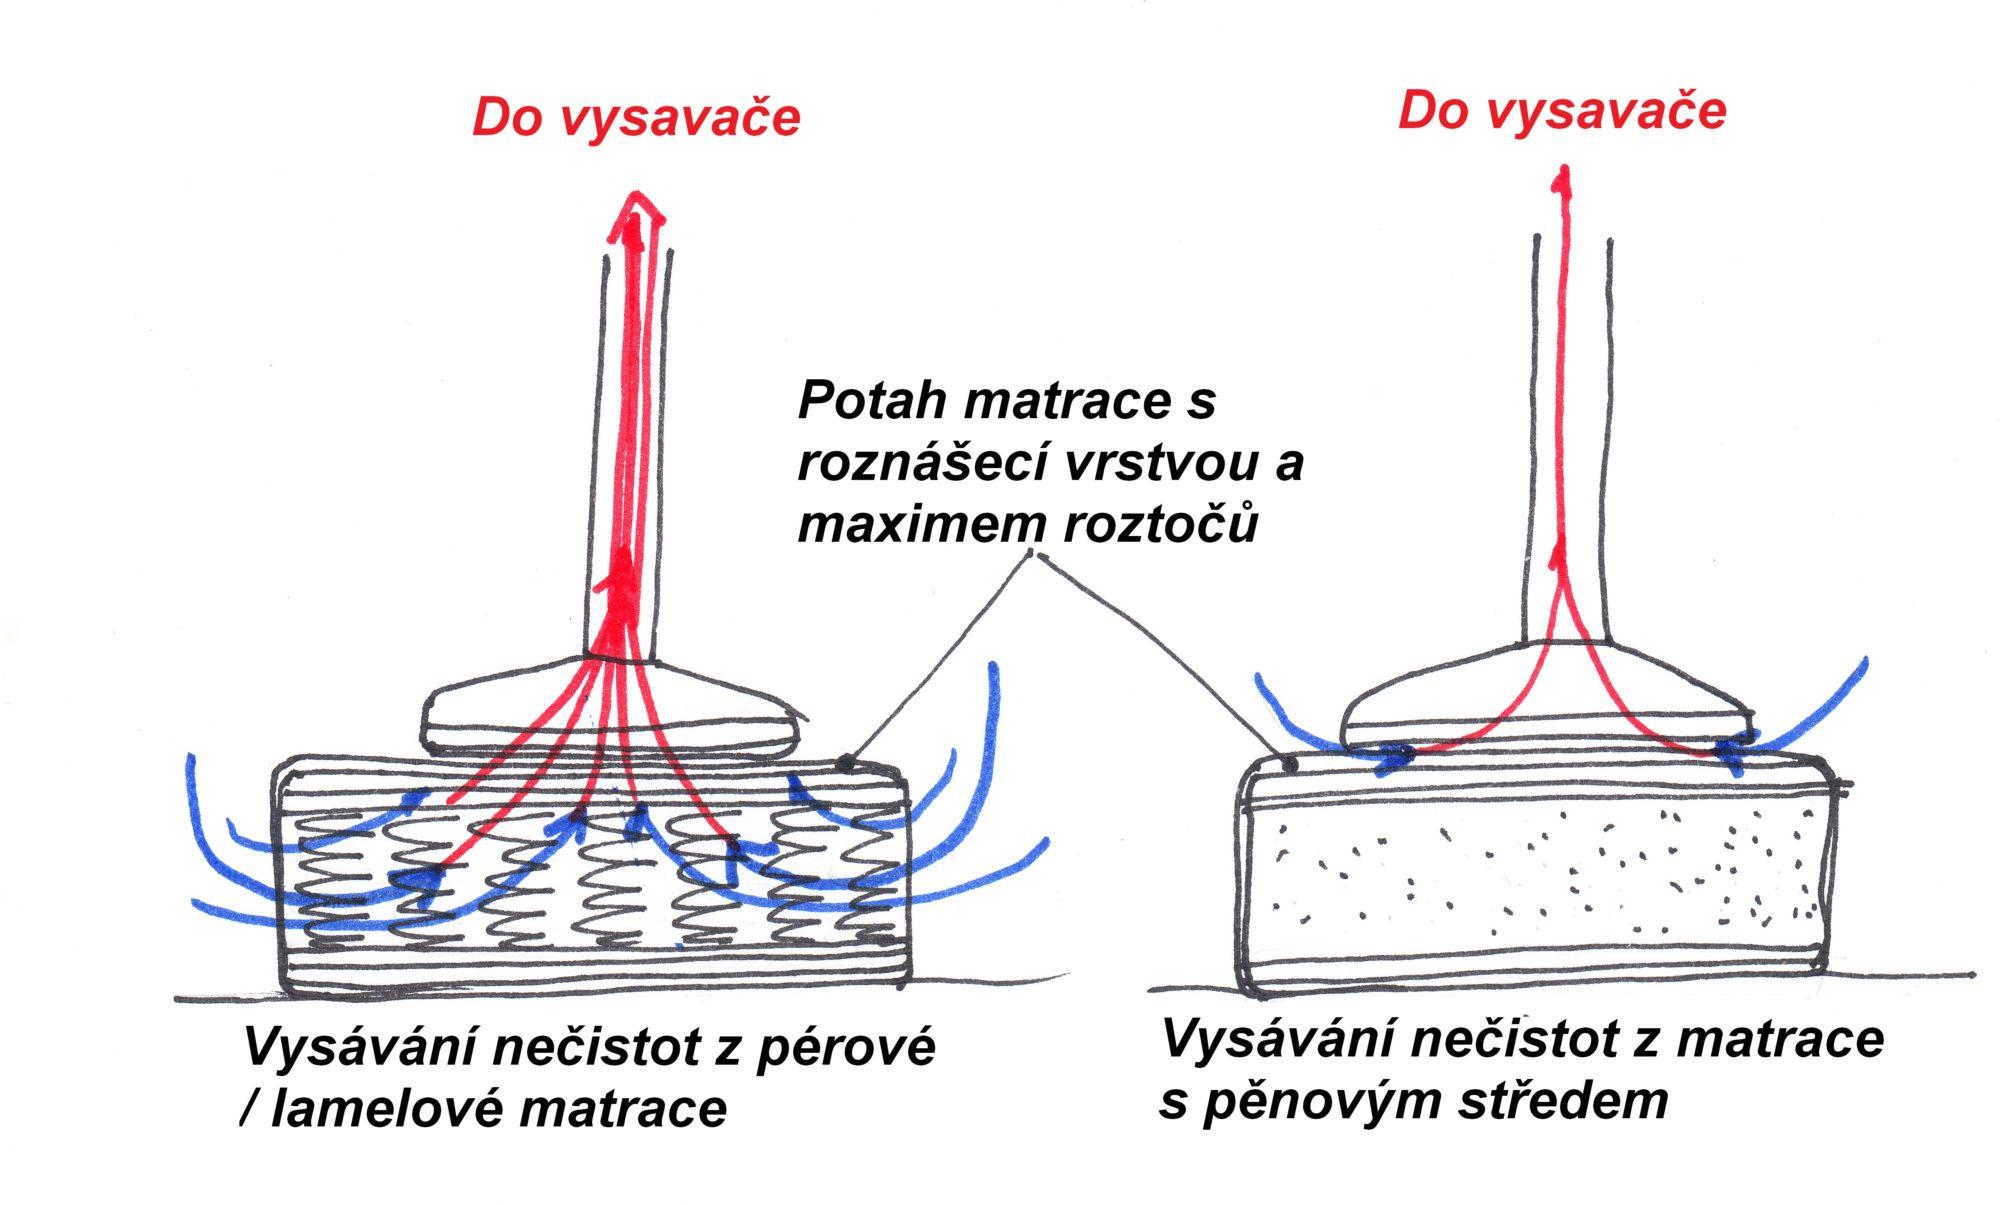 Srovnání účinnosti čištění pérové nebo lamelové matrace svolným středem apěnové matrace